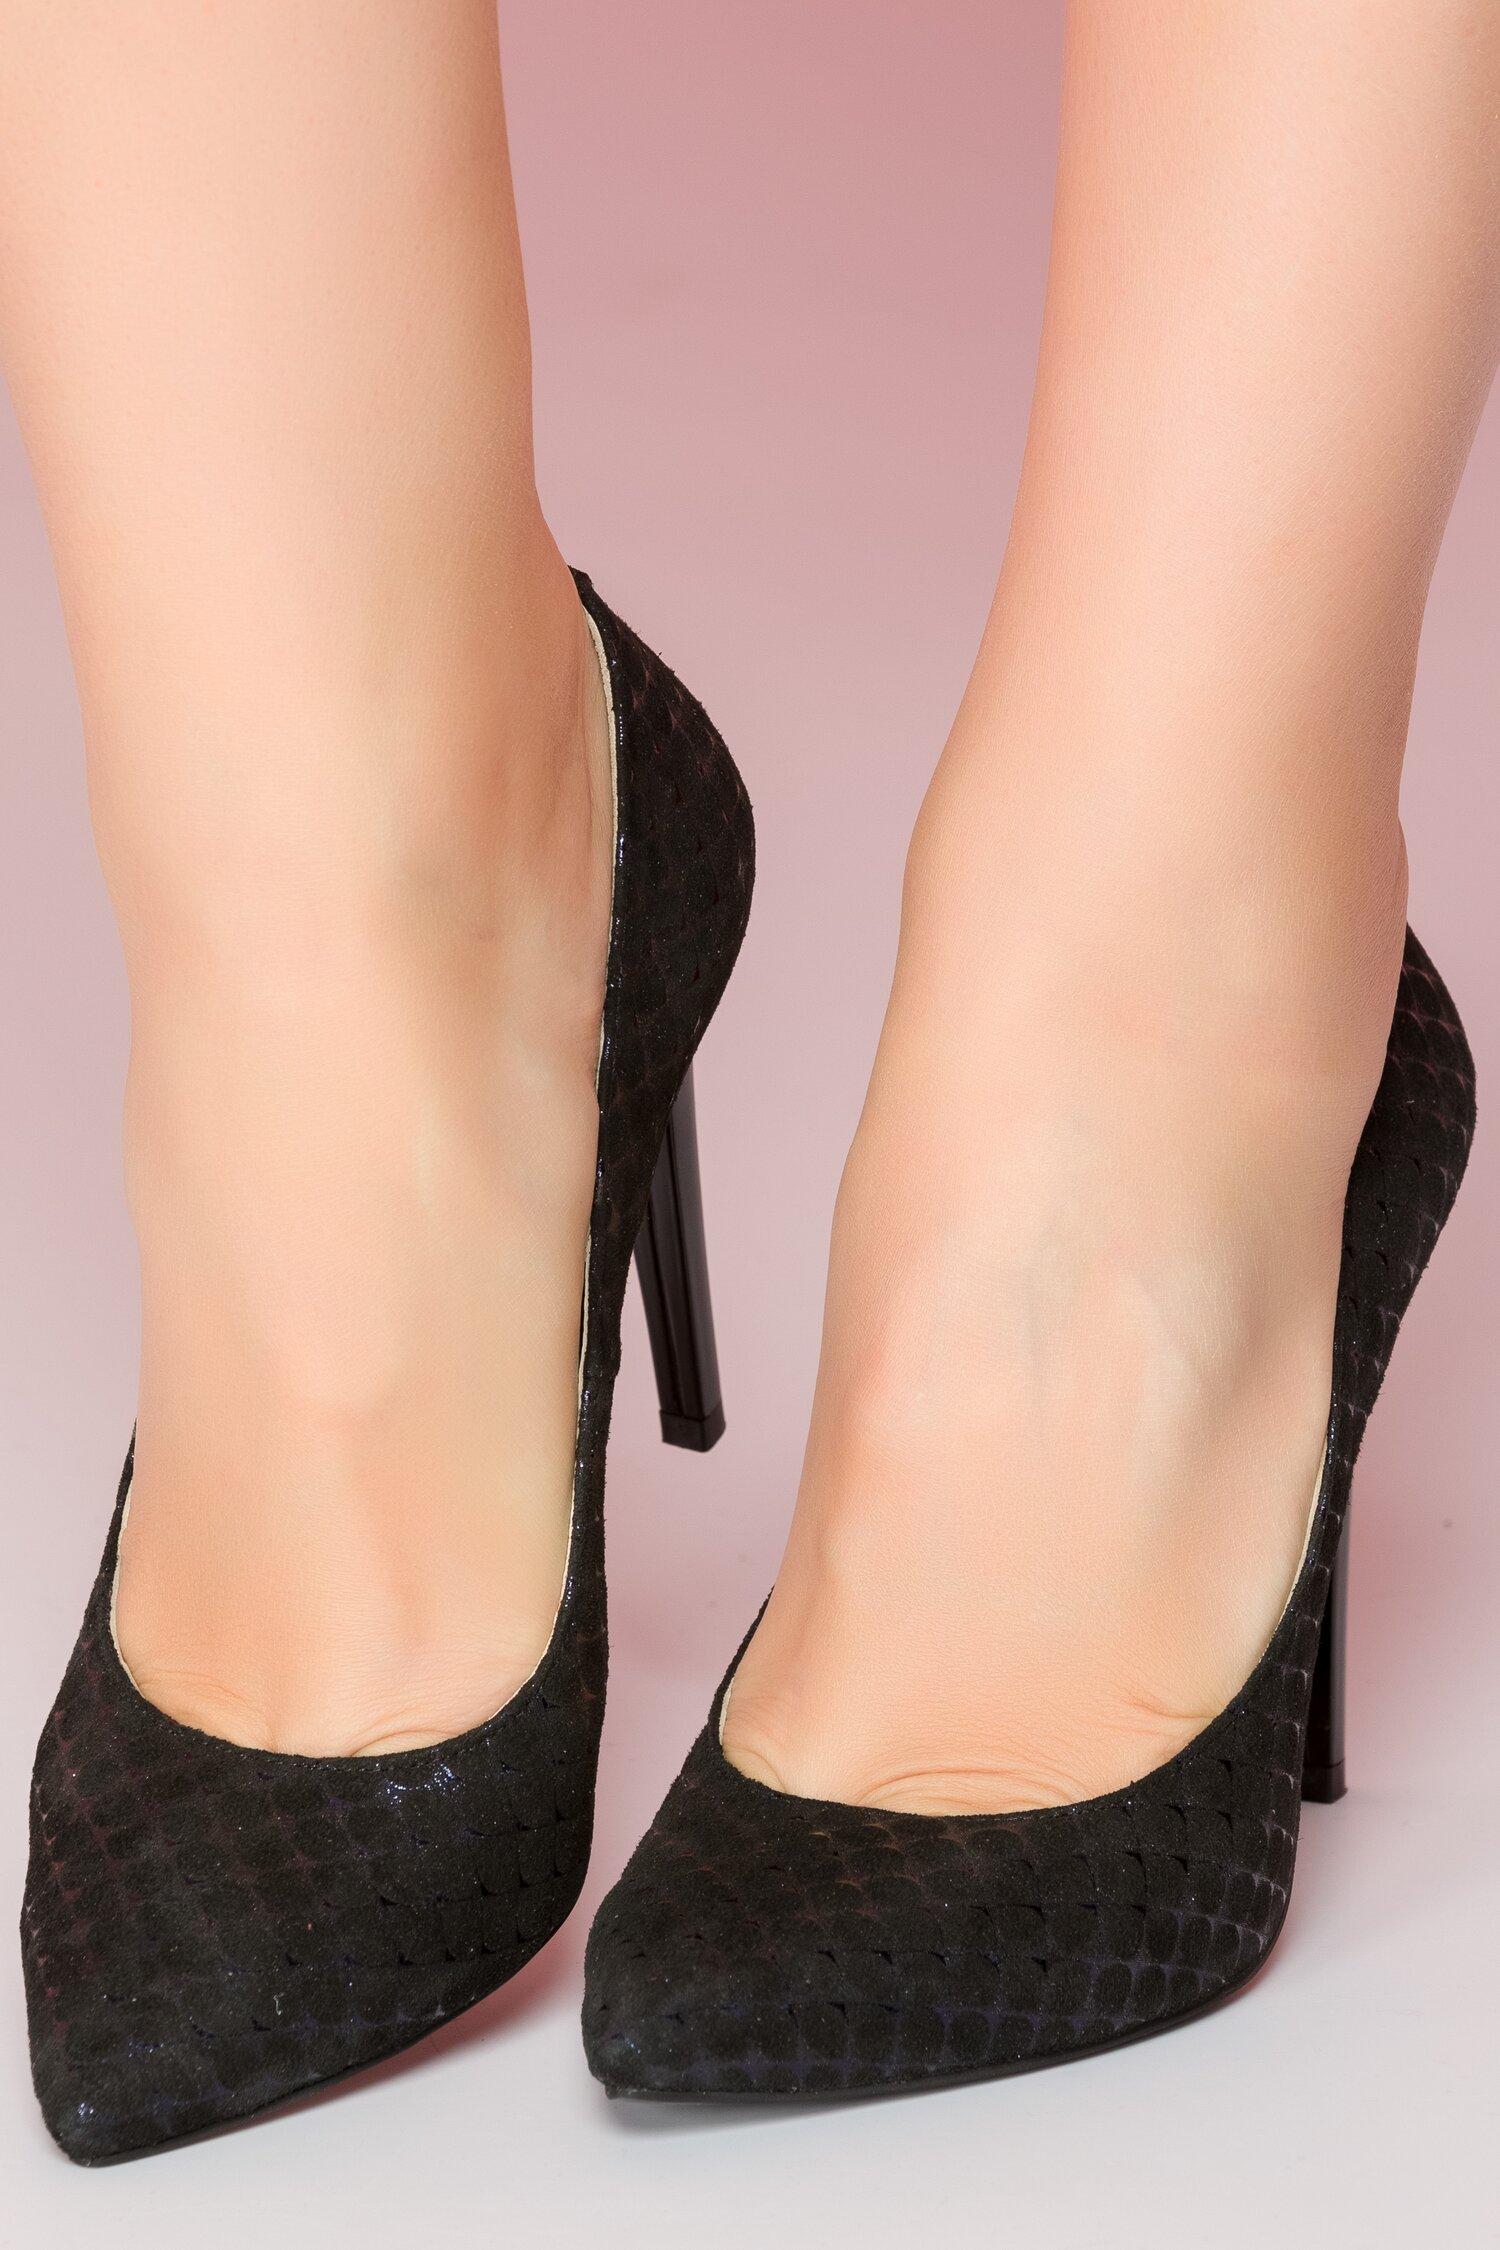 Pantofi eleganti cu buline negre catifelate si reflexii bleumarin